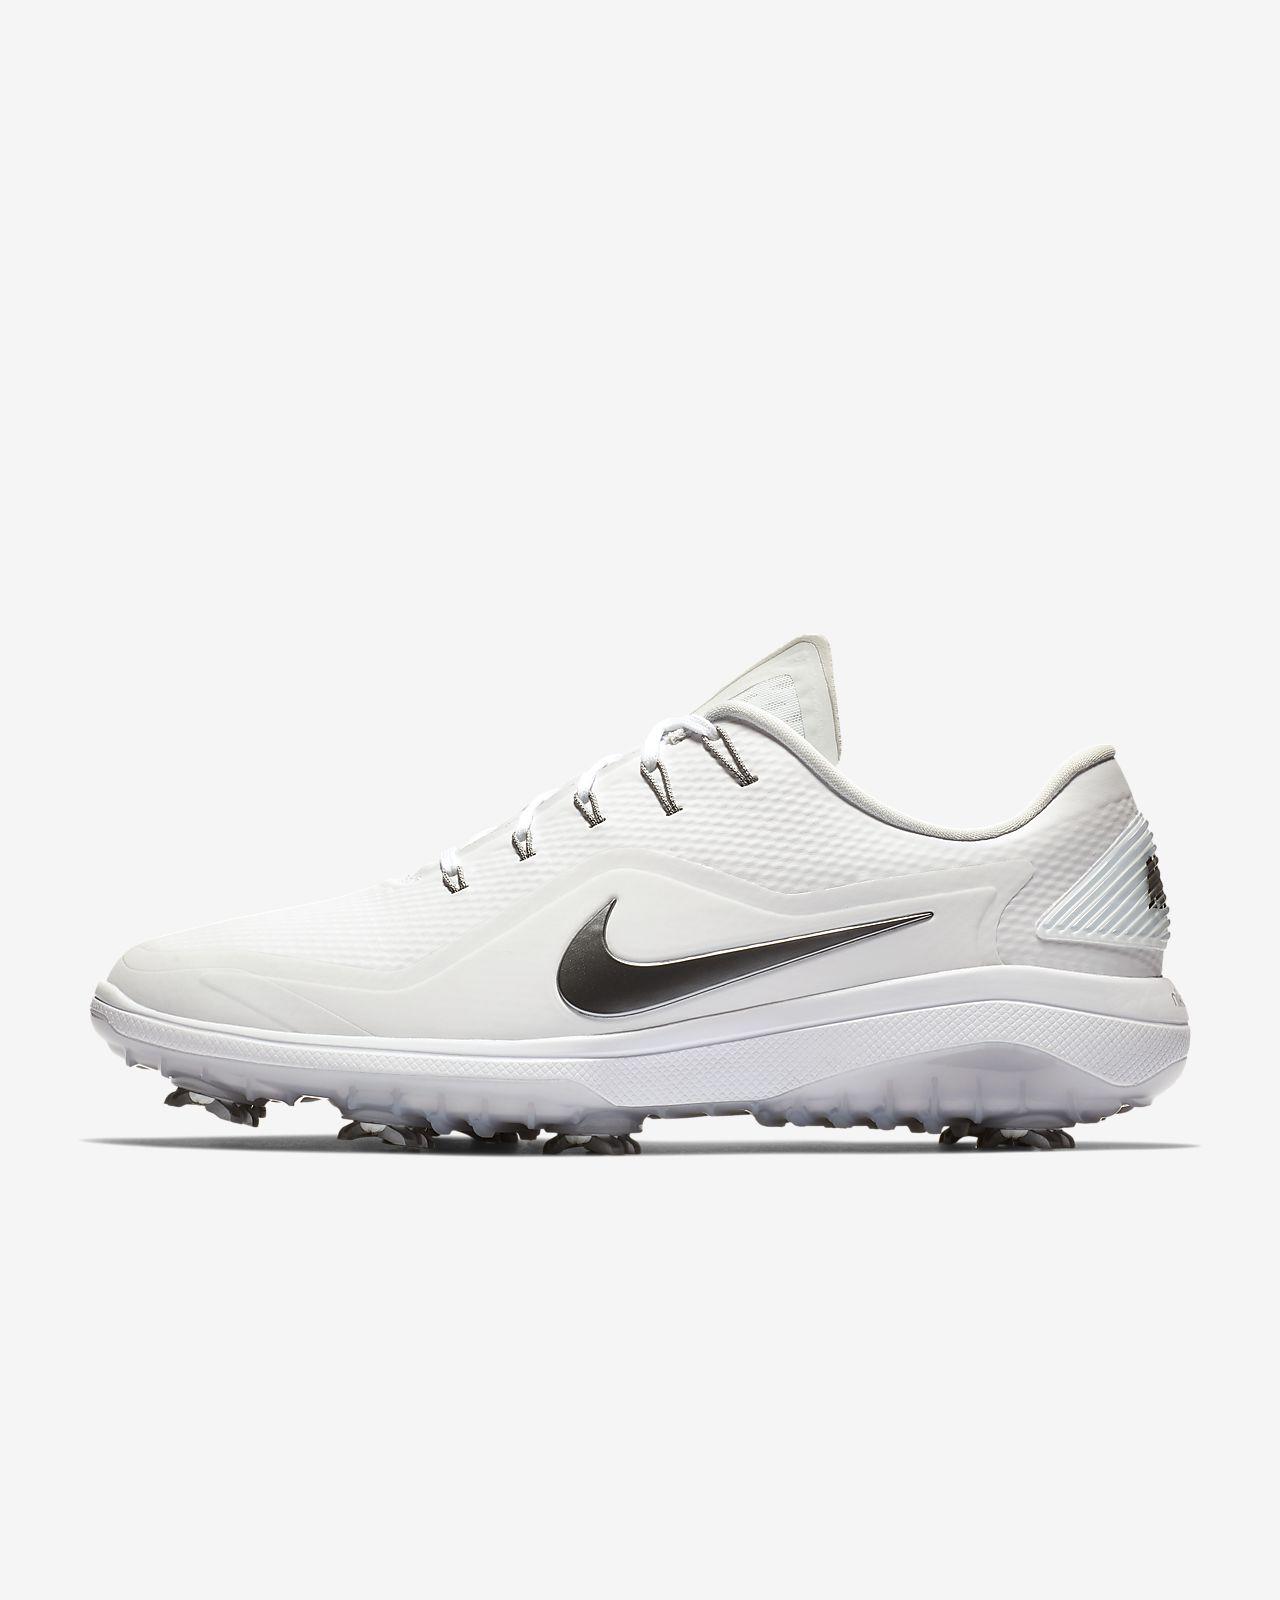 Ανδρικό παπούτσι γκολφ Nike React Vapor 2